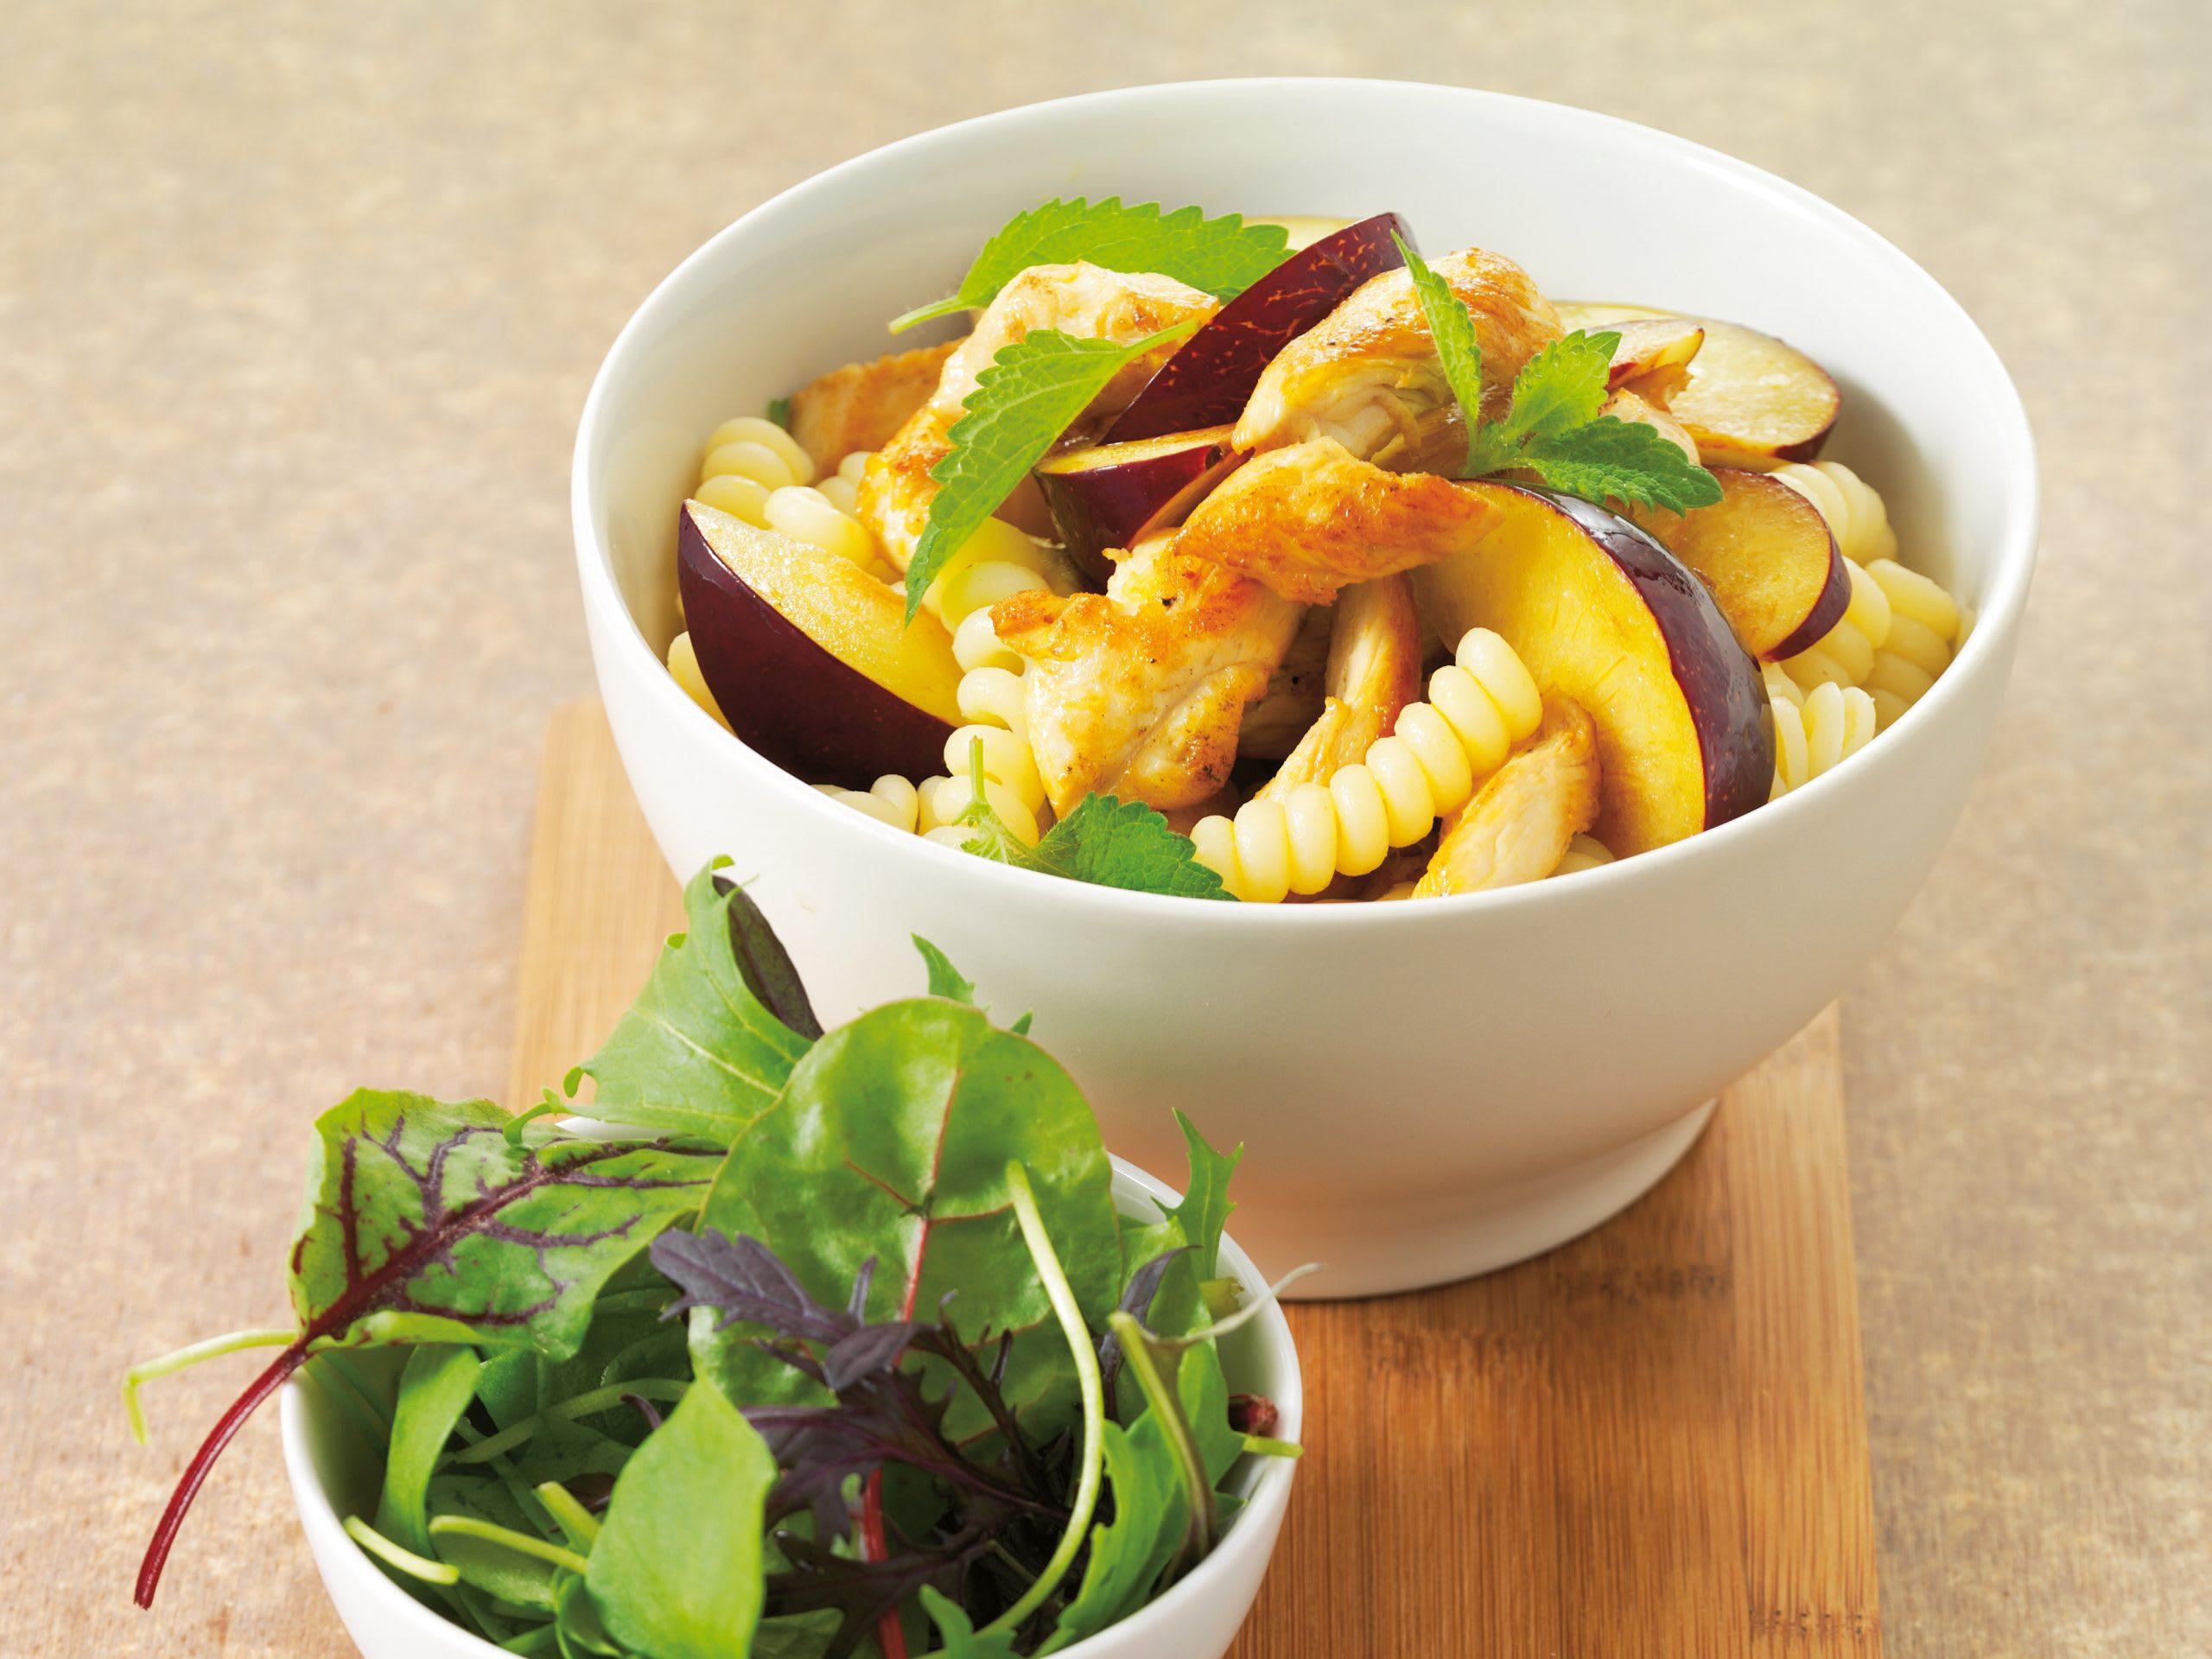 Salade de pâtes au poulet et aux prunes